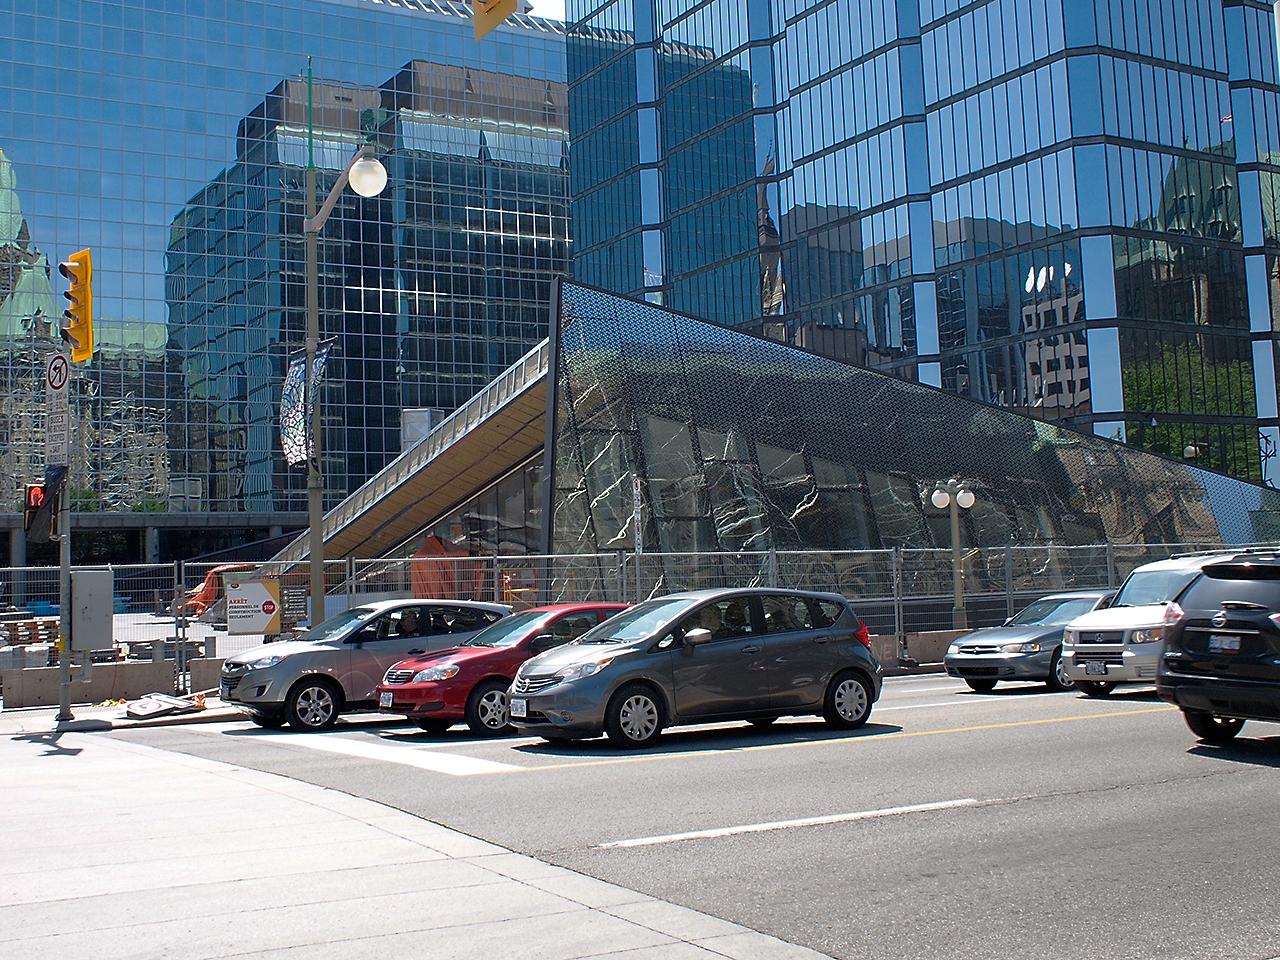 édifice triangulaire en verre